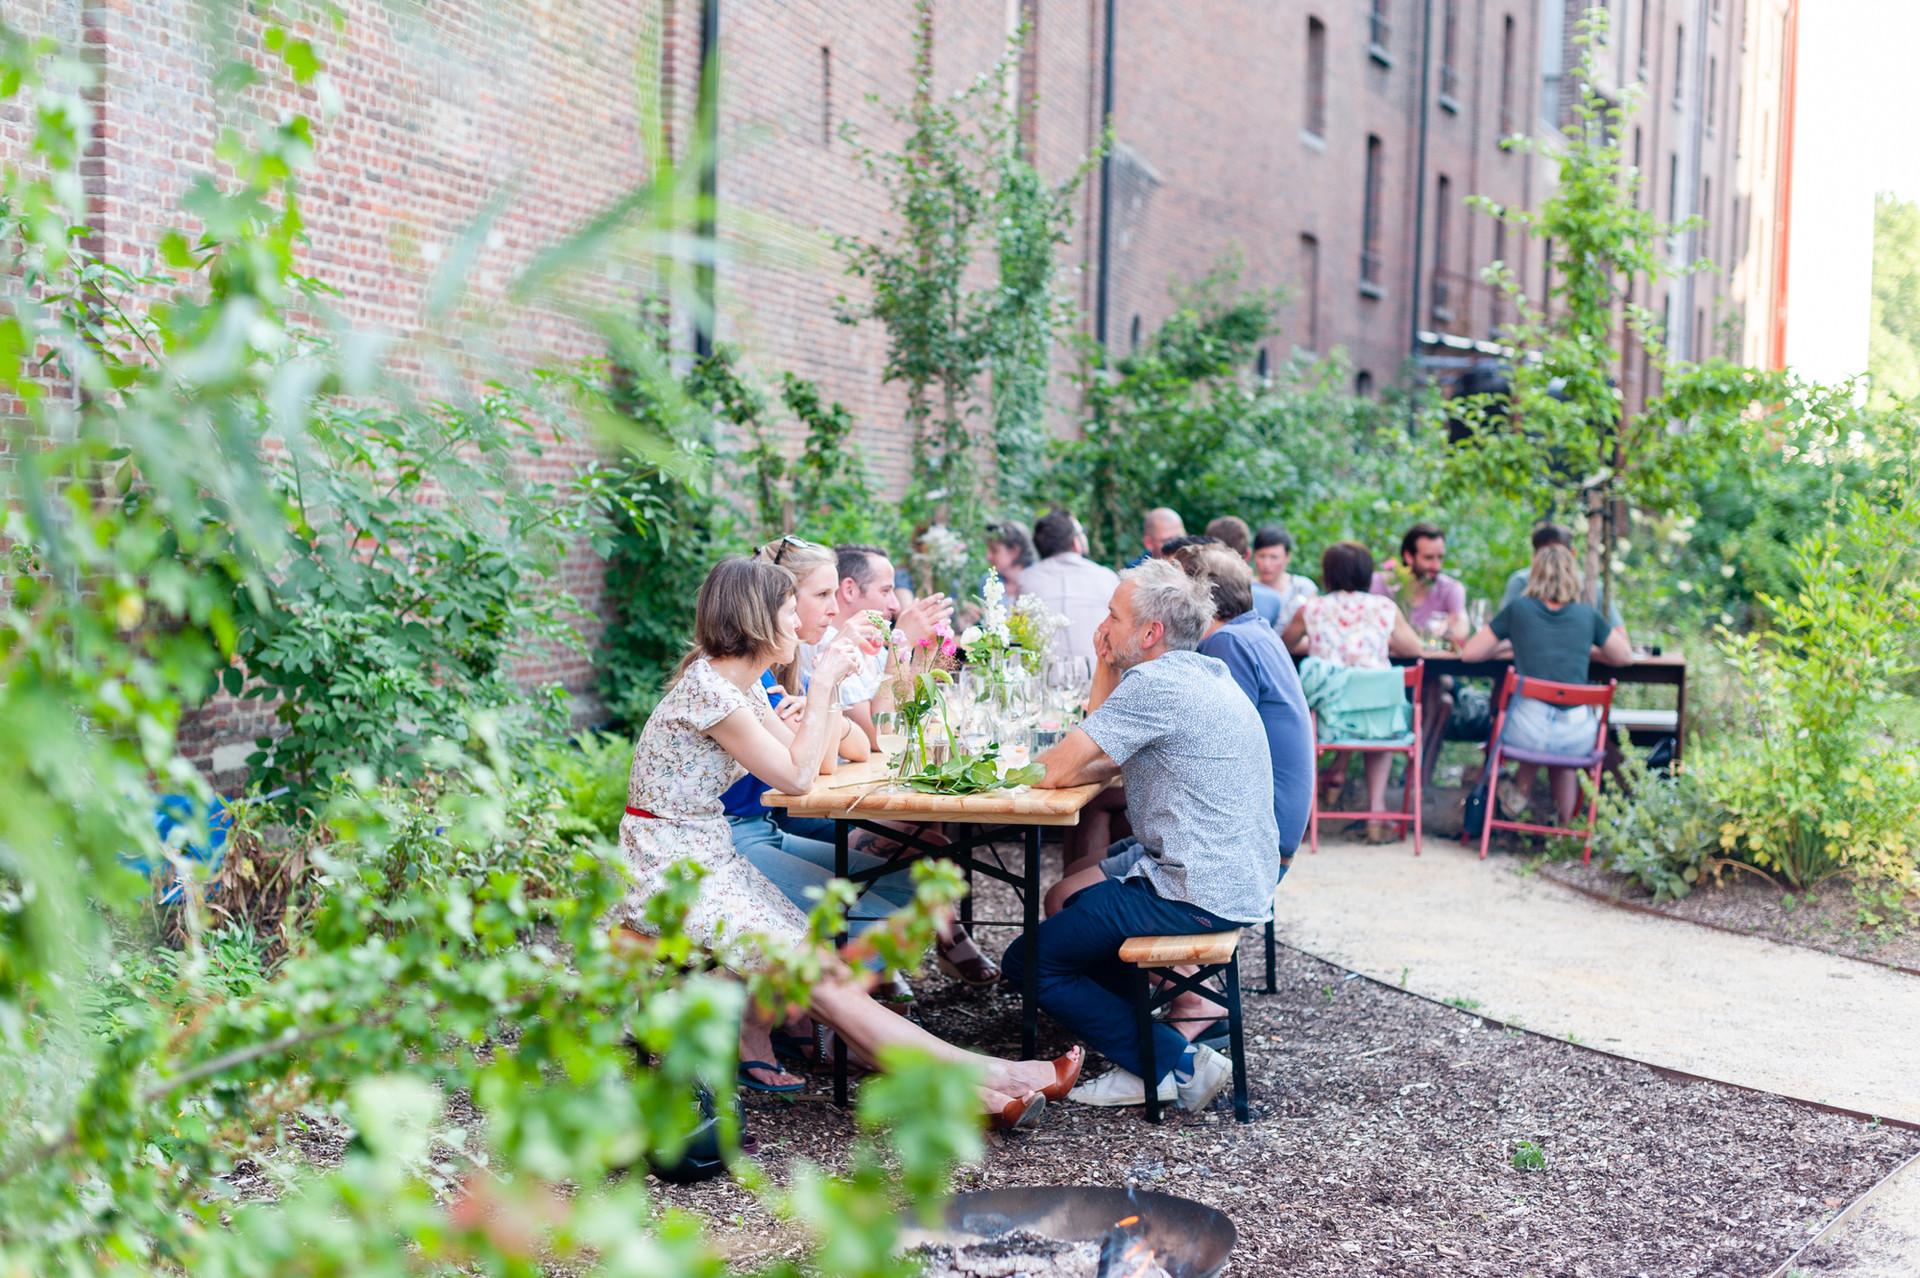 Beleving Urban Garden